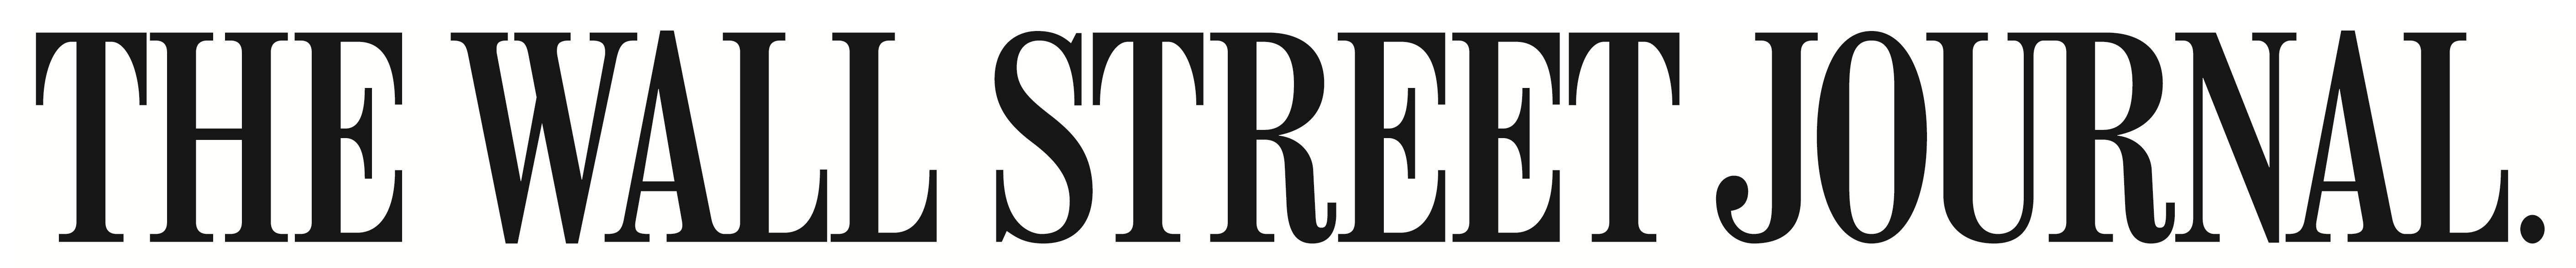 The-Wall-Street-Journal-Logo-e1384854988955.jpg